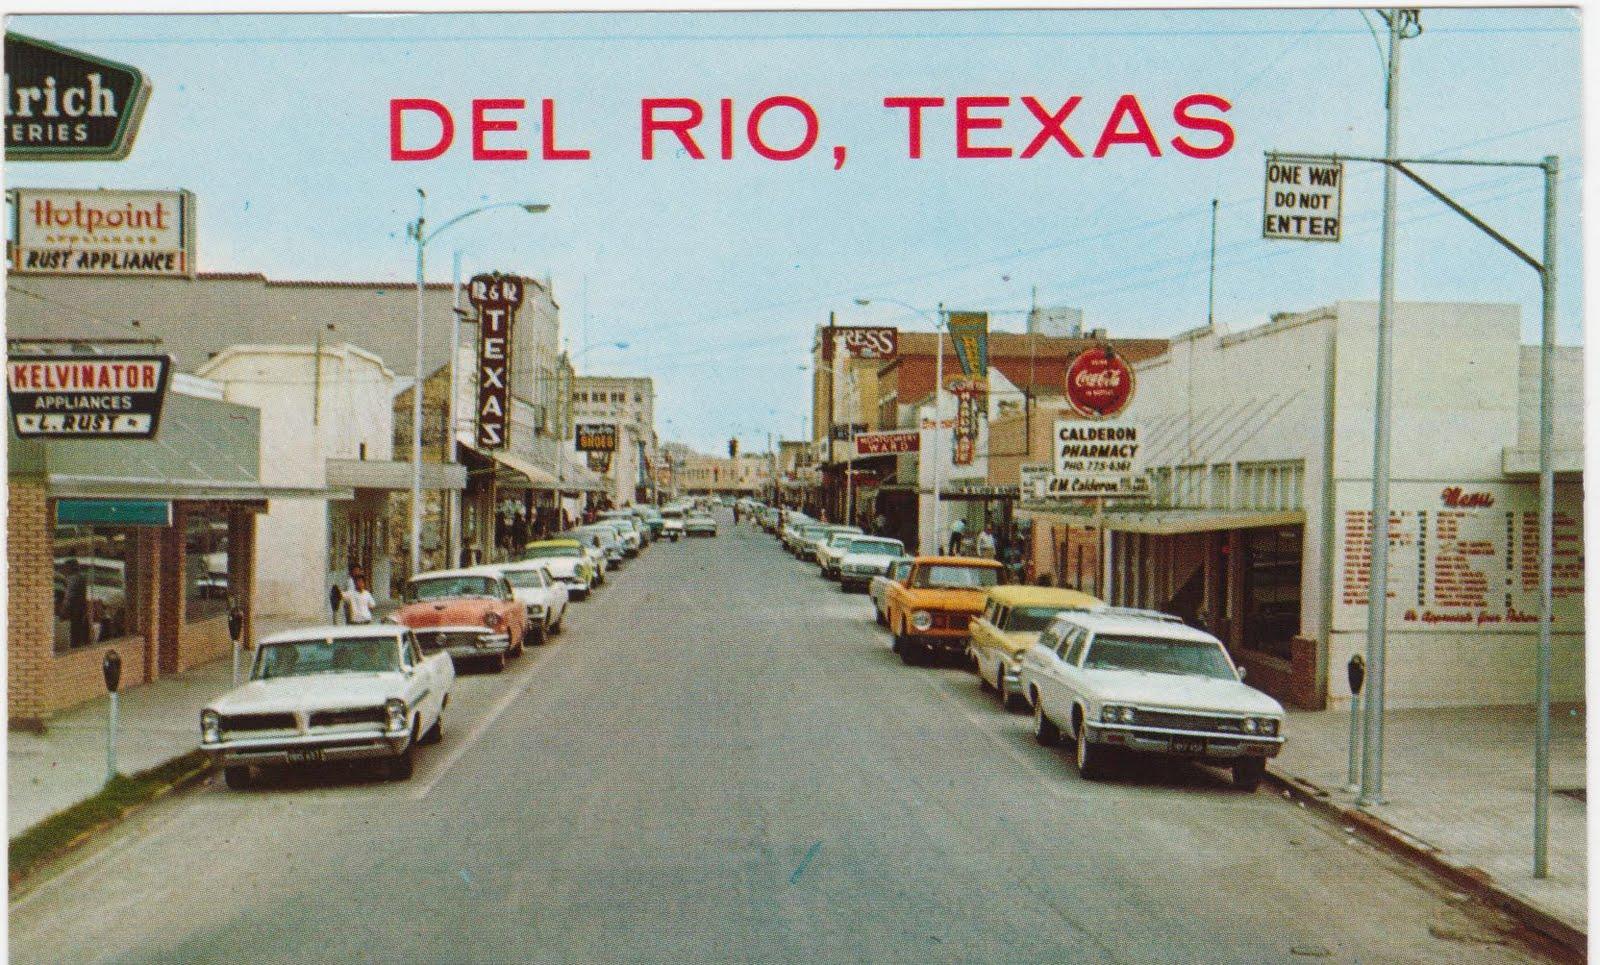 Dating in del rio texas